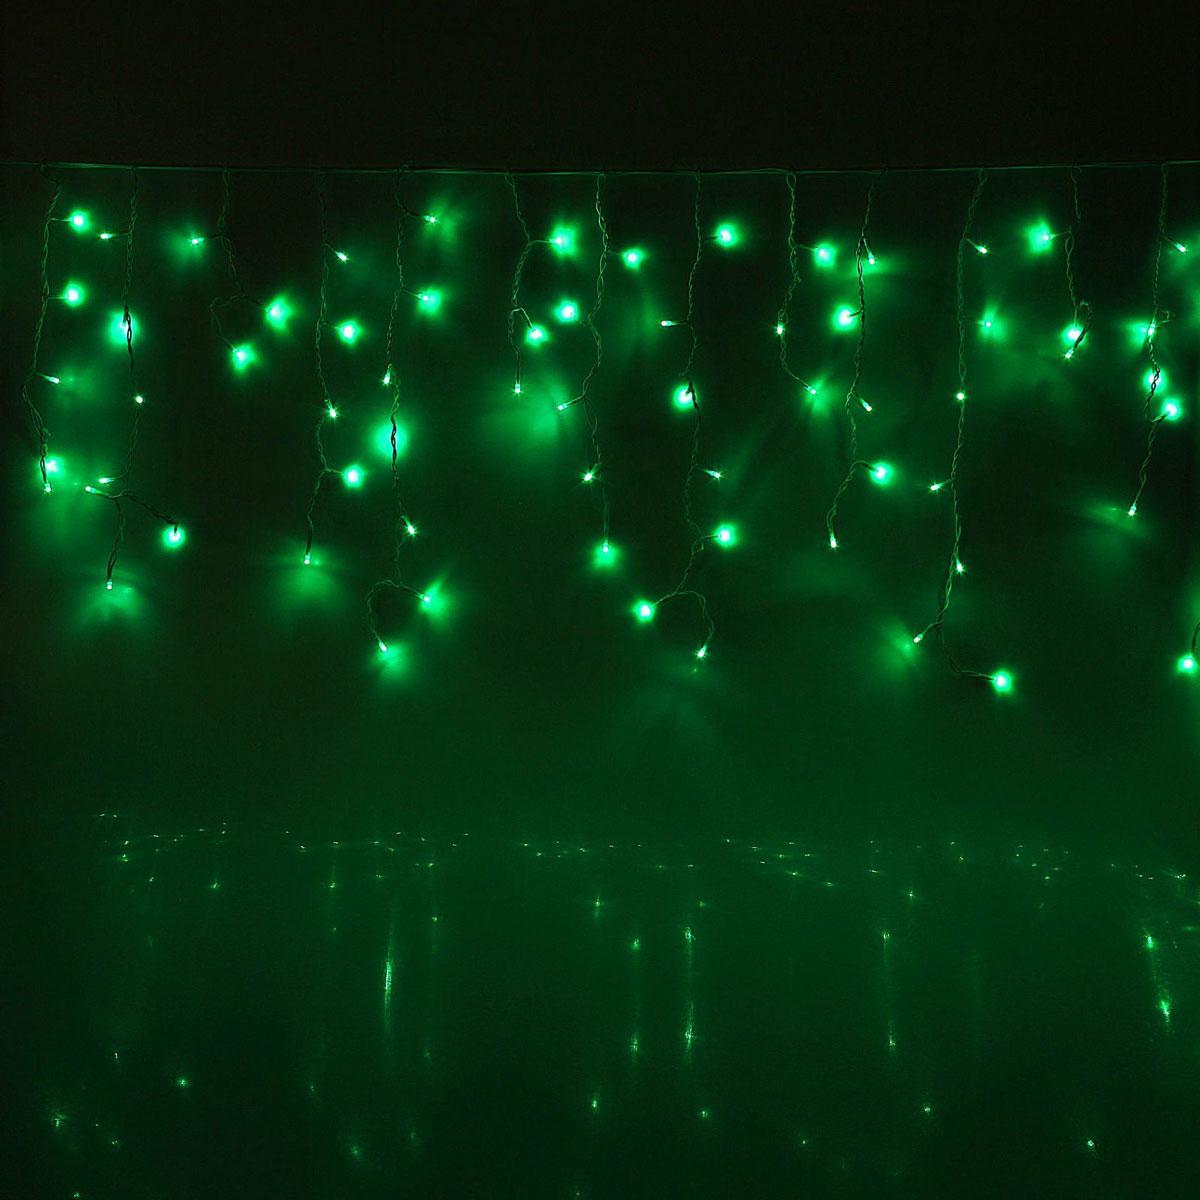 Гирлянда светодиодная Luazon Бахрома, уличная, 160 ламп, 220 V, цвет: зеленый, 3 х 0,6 м. 10801771080177Светодиодные гирлянды, ленты и т.д — это отличный вариант для новогоднего оформления интерьера или фасада. С их помощью помещение любого размера можно превратить в праздничный зал, а внешние элементы зданий, украшенные ими, мгновенно станут напоминать очертания сказочного дворца. Такие украшения создают ауру предвкушения чуда. Деревья, фасады, витрины, окна и арки будто специально созданы, чтобы вы украсили их светящимися нитями.